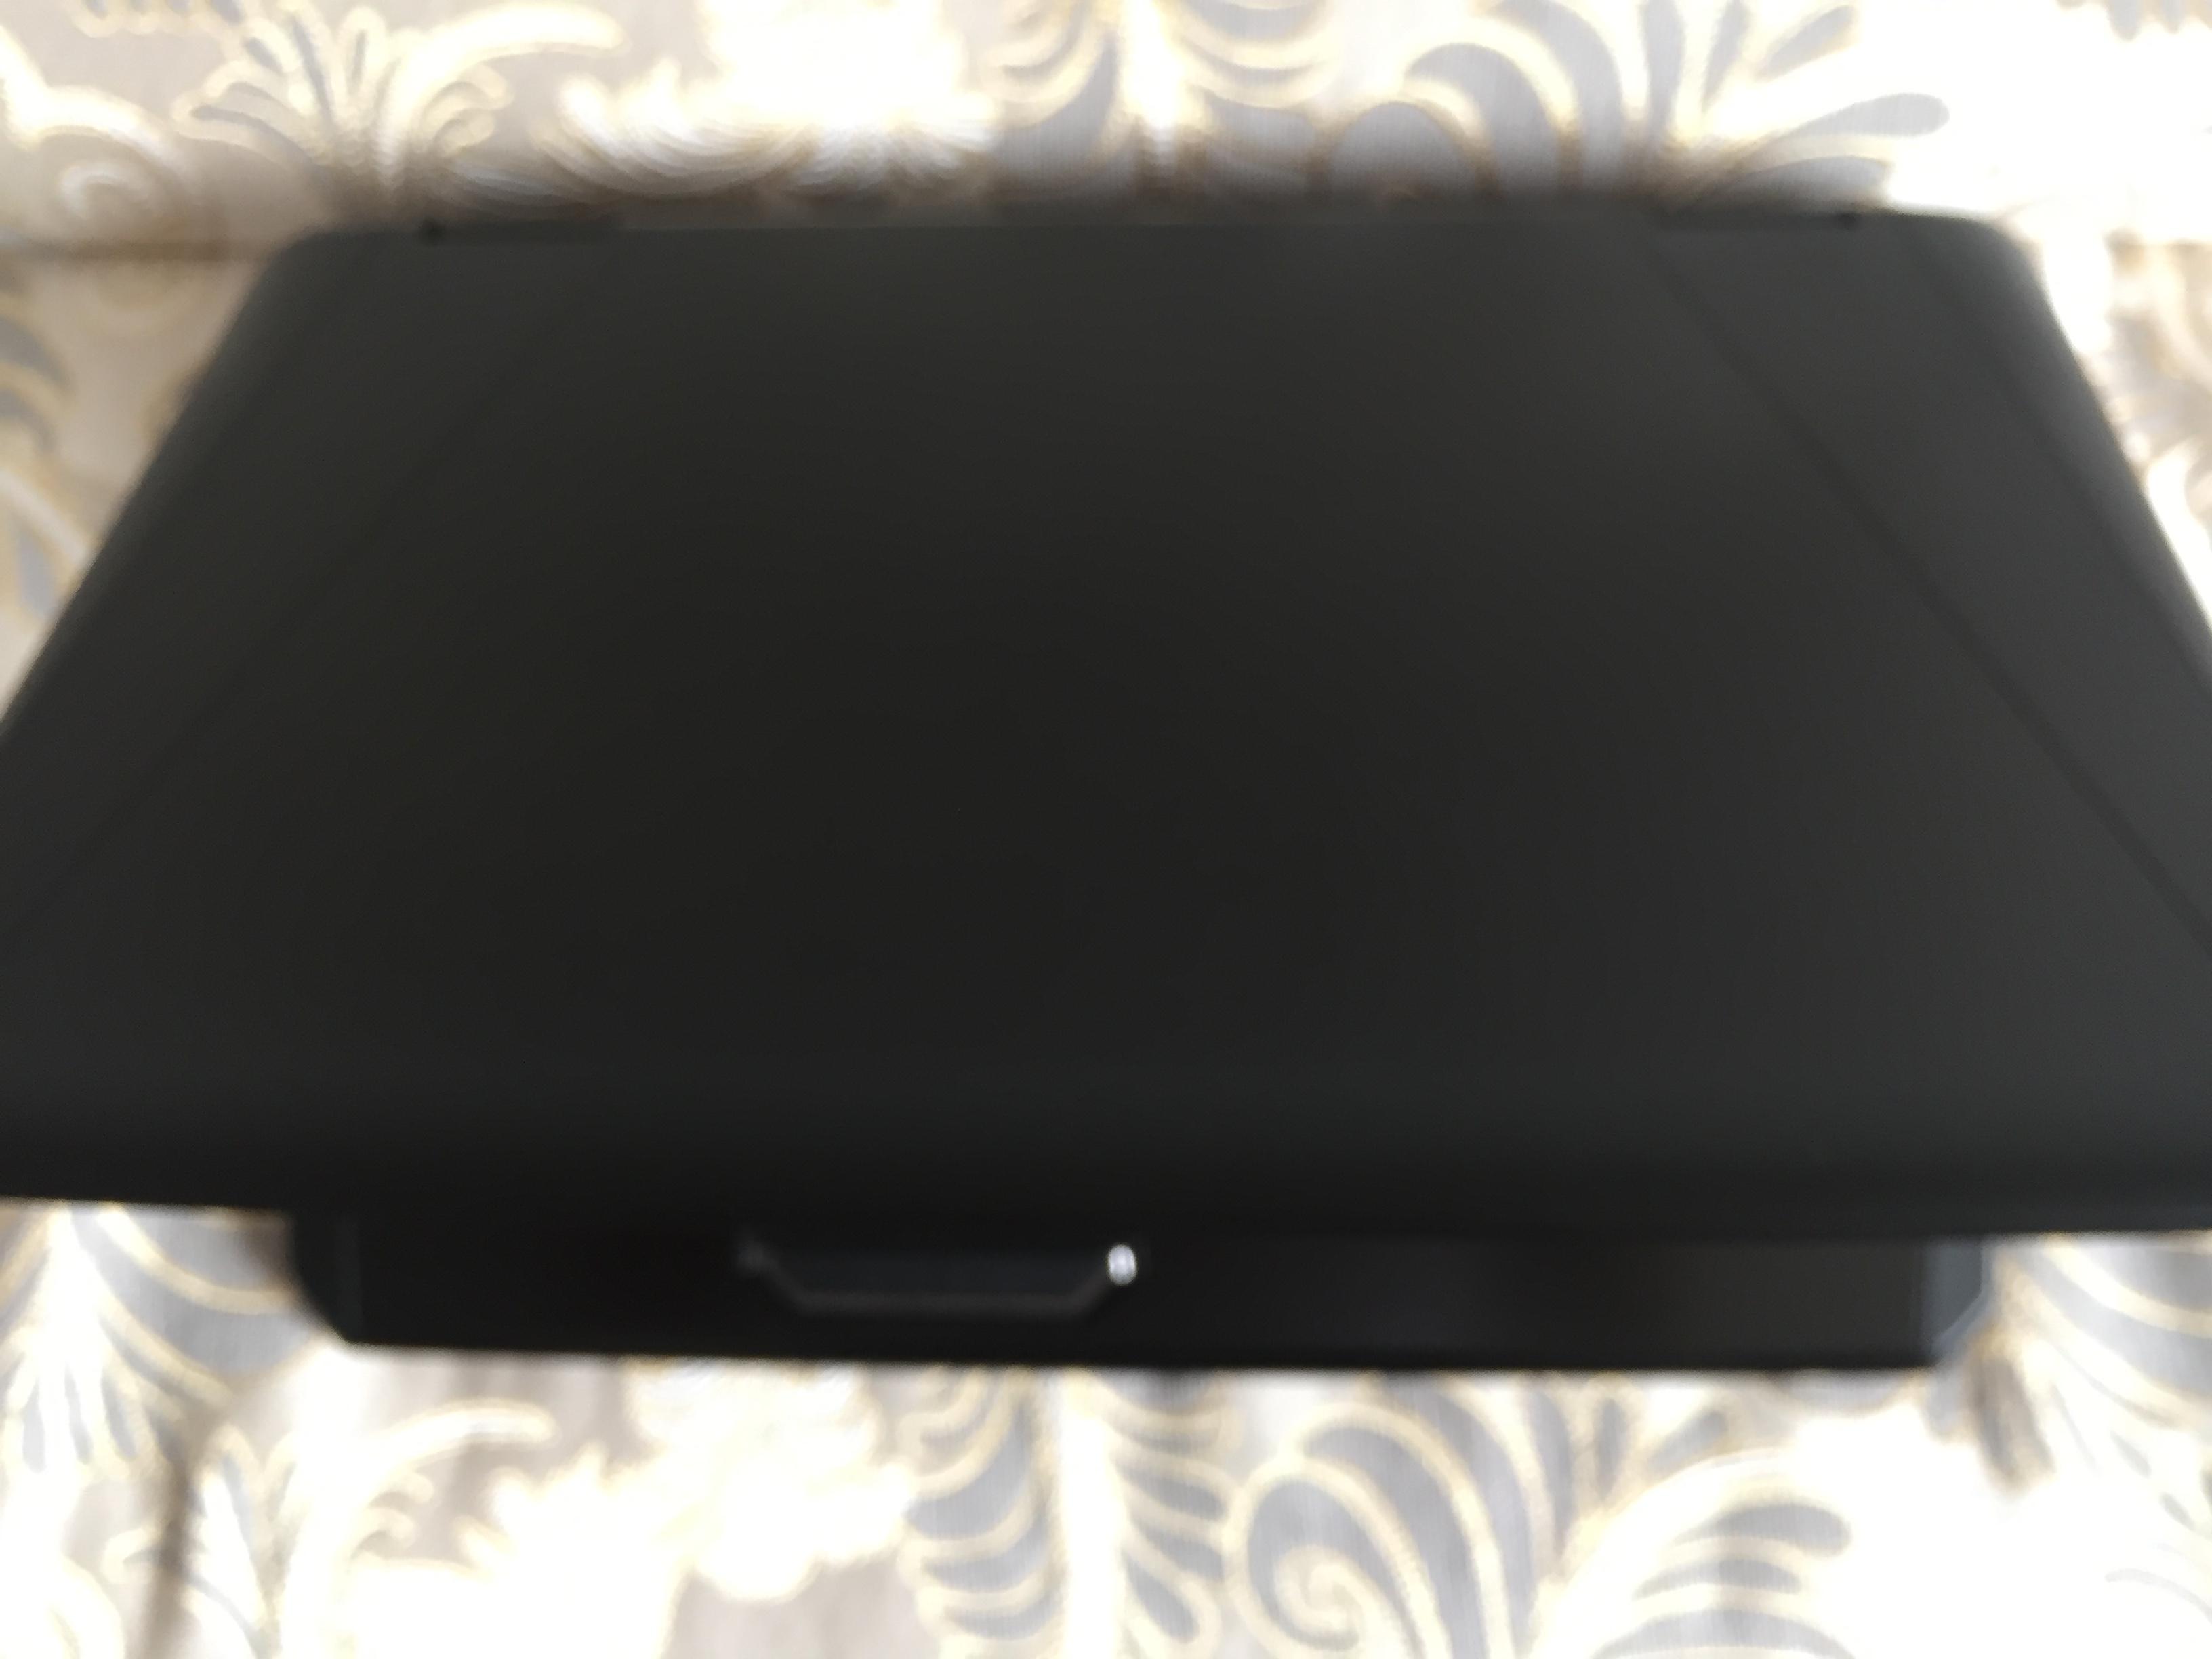 MSI/微星 GT73EVR 7RD-818CN 游戏本 GL63 GP72 GF63笔记本电脑